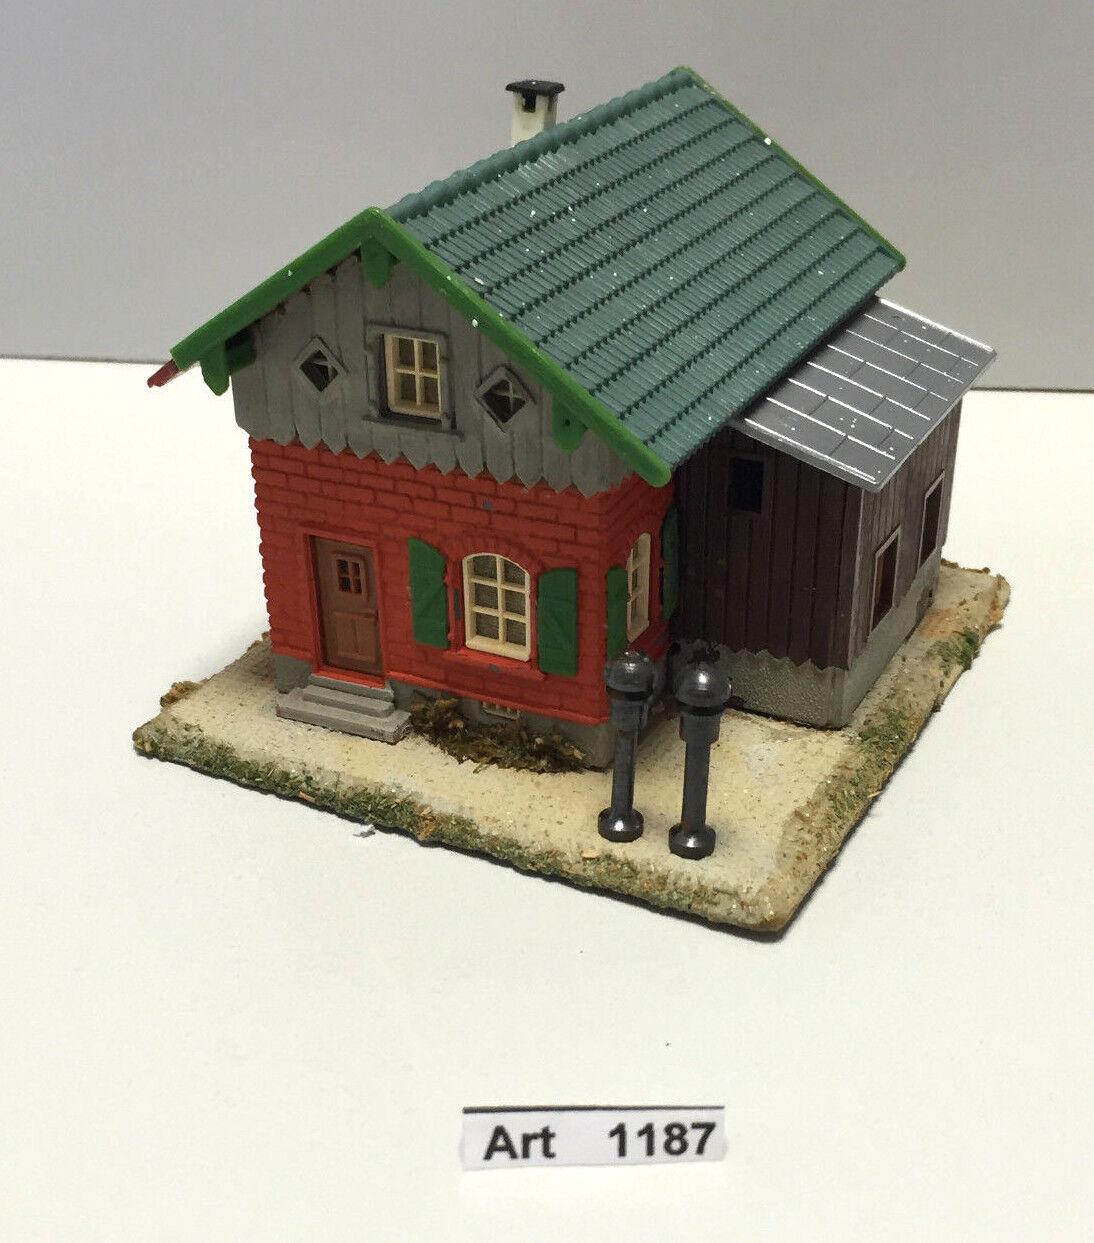 Faller b-130 h0, ferroviario carcerieri casa mattone, con piastra di legno, 1 87, molto raramente & RAR